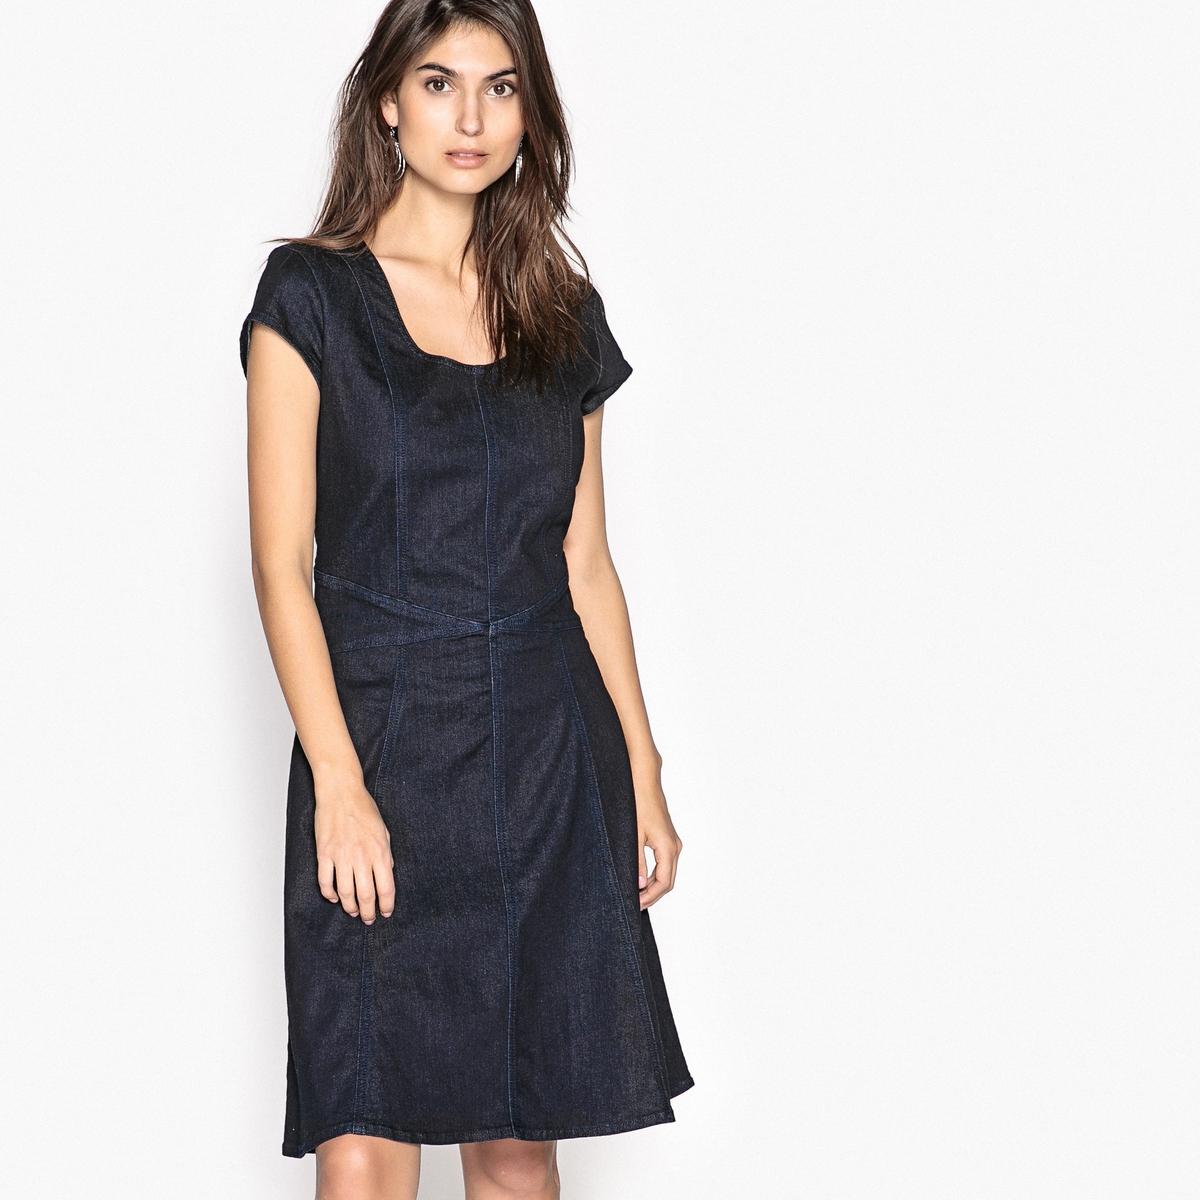 Платье однотонное средней длины, расширяющееся книзуОписание:Комфортное и удобное расклешенное платье из эластичной джинсовой ткани. Очень элегантное платье с оригинальными отрезными деталями на талии. Отрезные детали спереди и сзади.Детали •  Форма : расклешенная •  Длина до колен •  Короткие рукава    •  Круглый вырезСостав и уход •  80% хлопка, 1% эластана, 19% полиэстера  •  Температура стирки 30° •  Сухая чистка и отбеливатели запрещены •  Не использовать барабанную сушку •  Низкая температура глажки •  Скрытая застежка на молнию сзади.Деним стретч •  Длина  : 99 см<br><br>Цвет: темно-синий